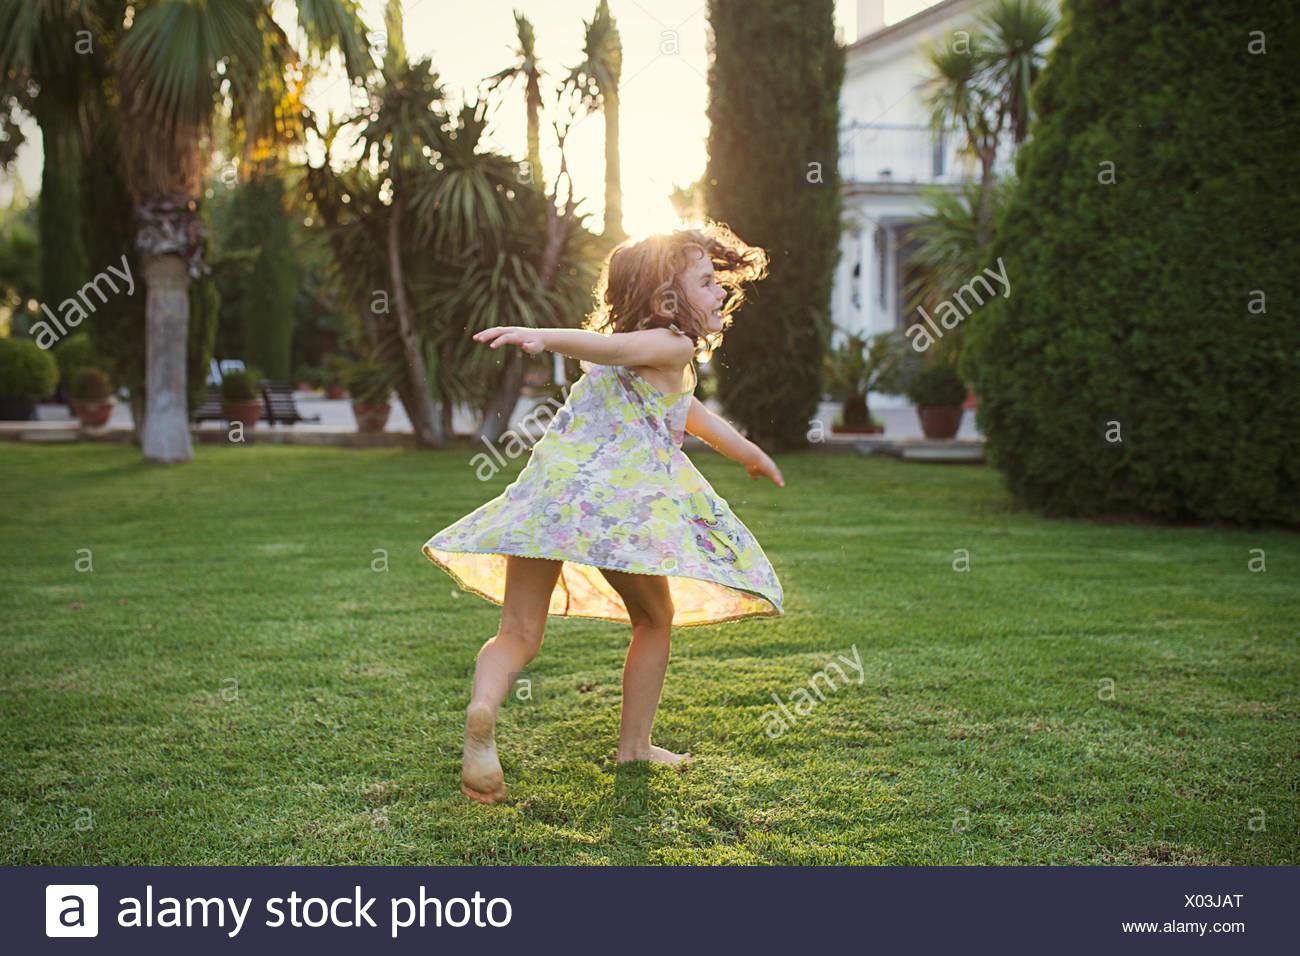 Mädchen drehte sich um im Garten Stockbild